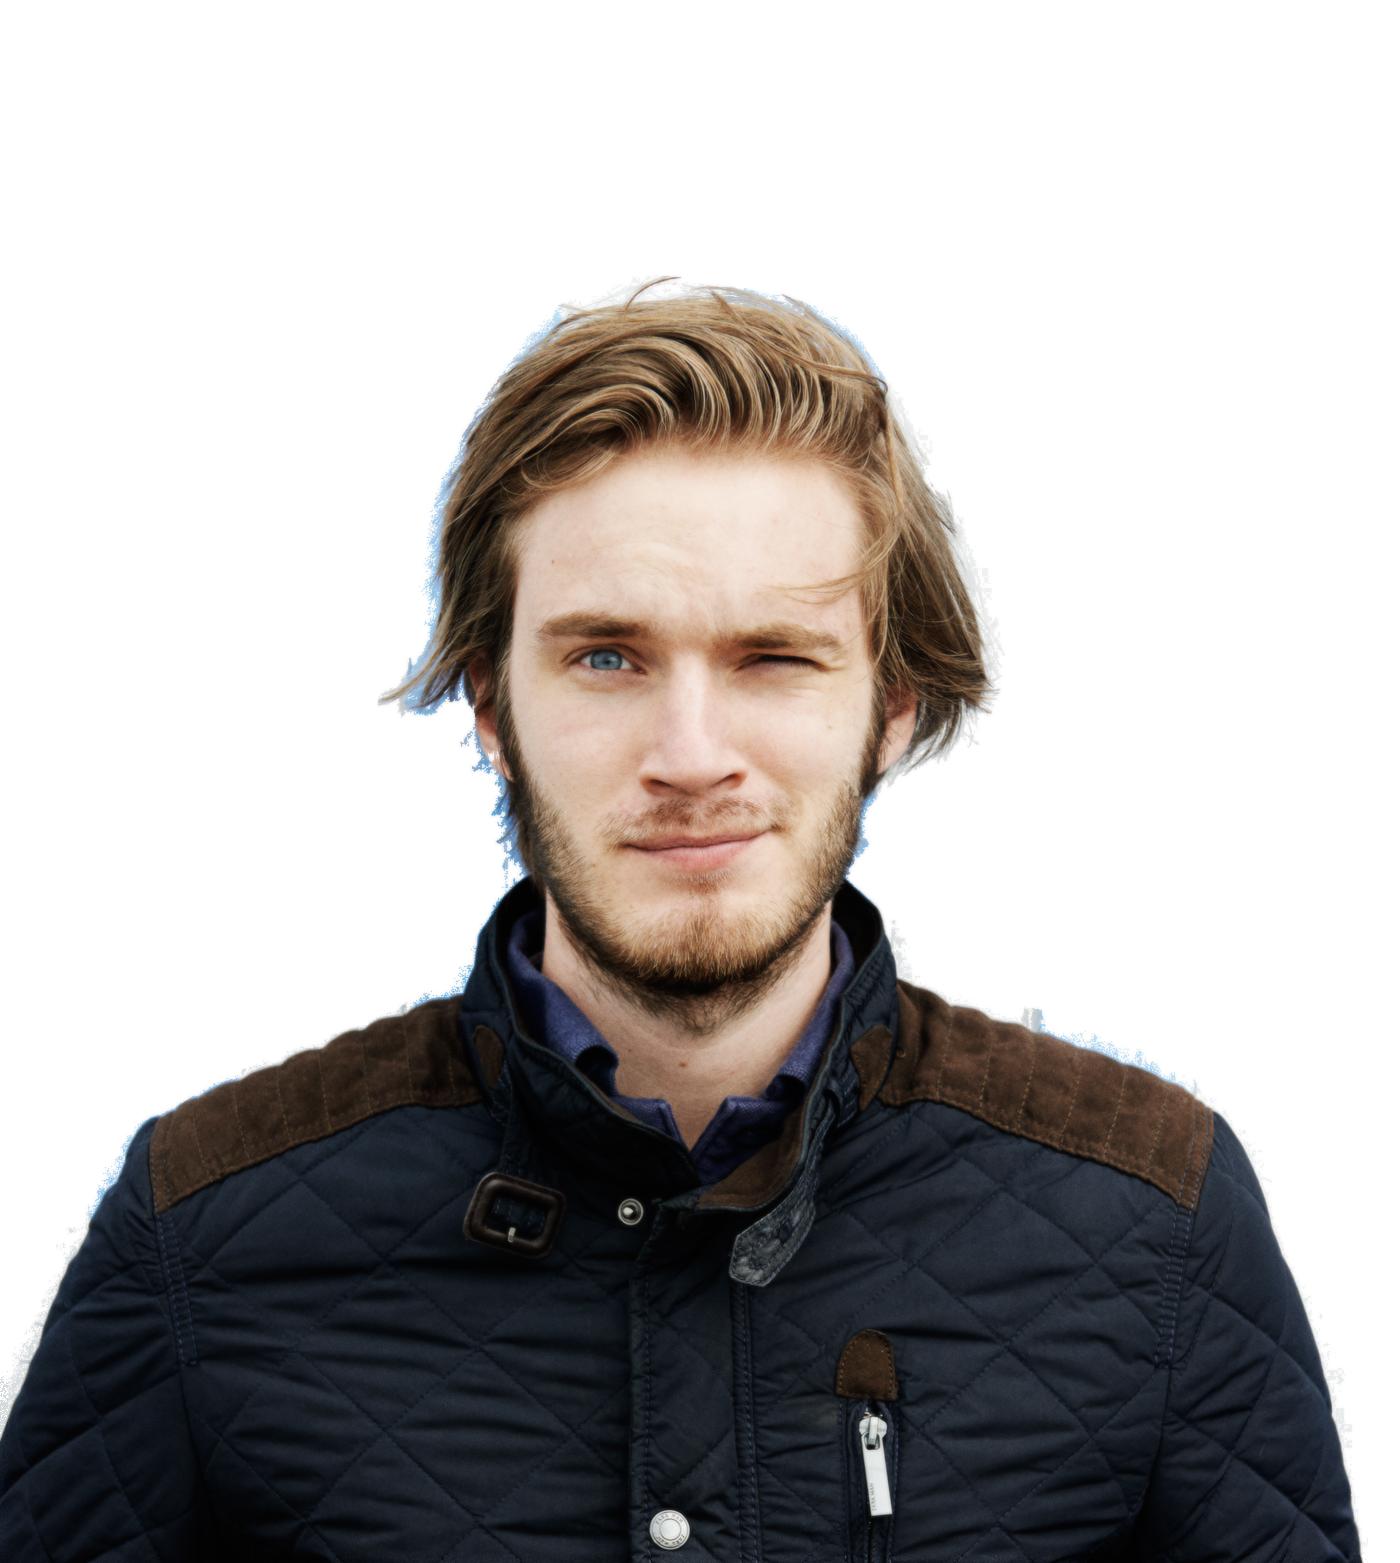 Pewdiepie Felix Kjellberg